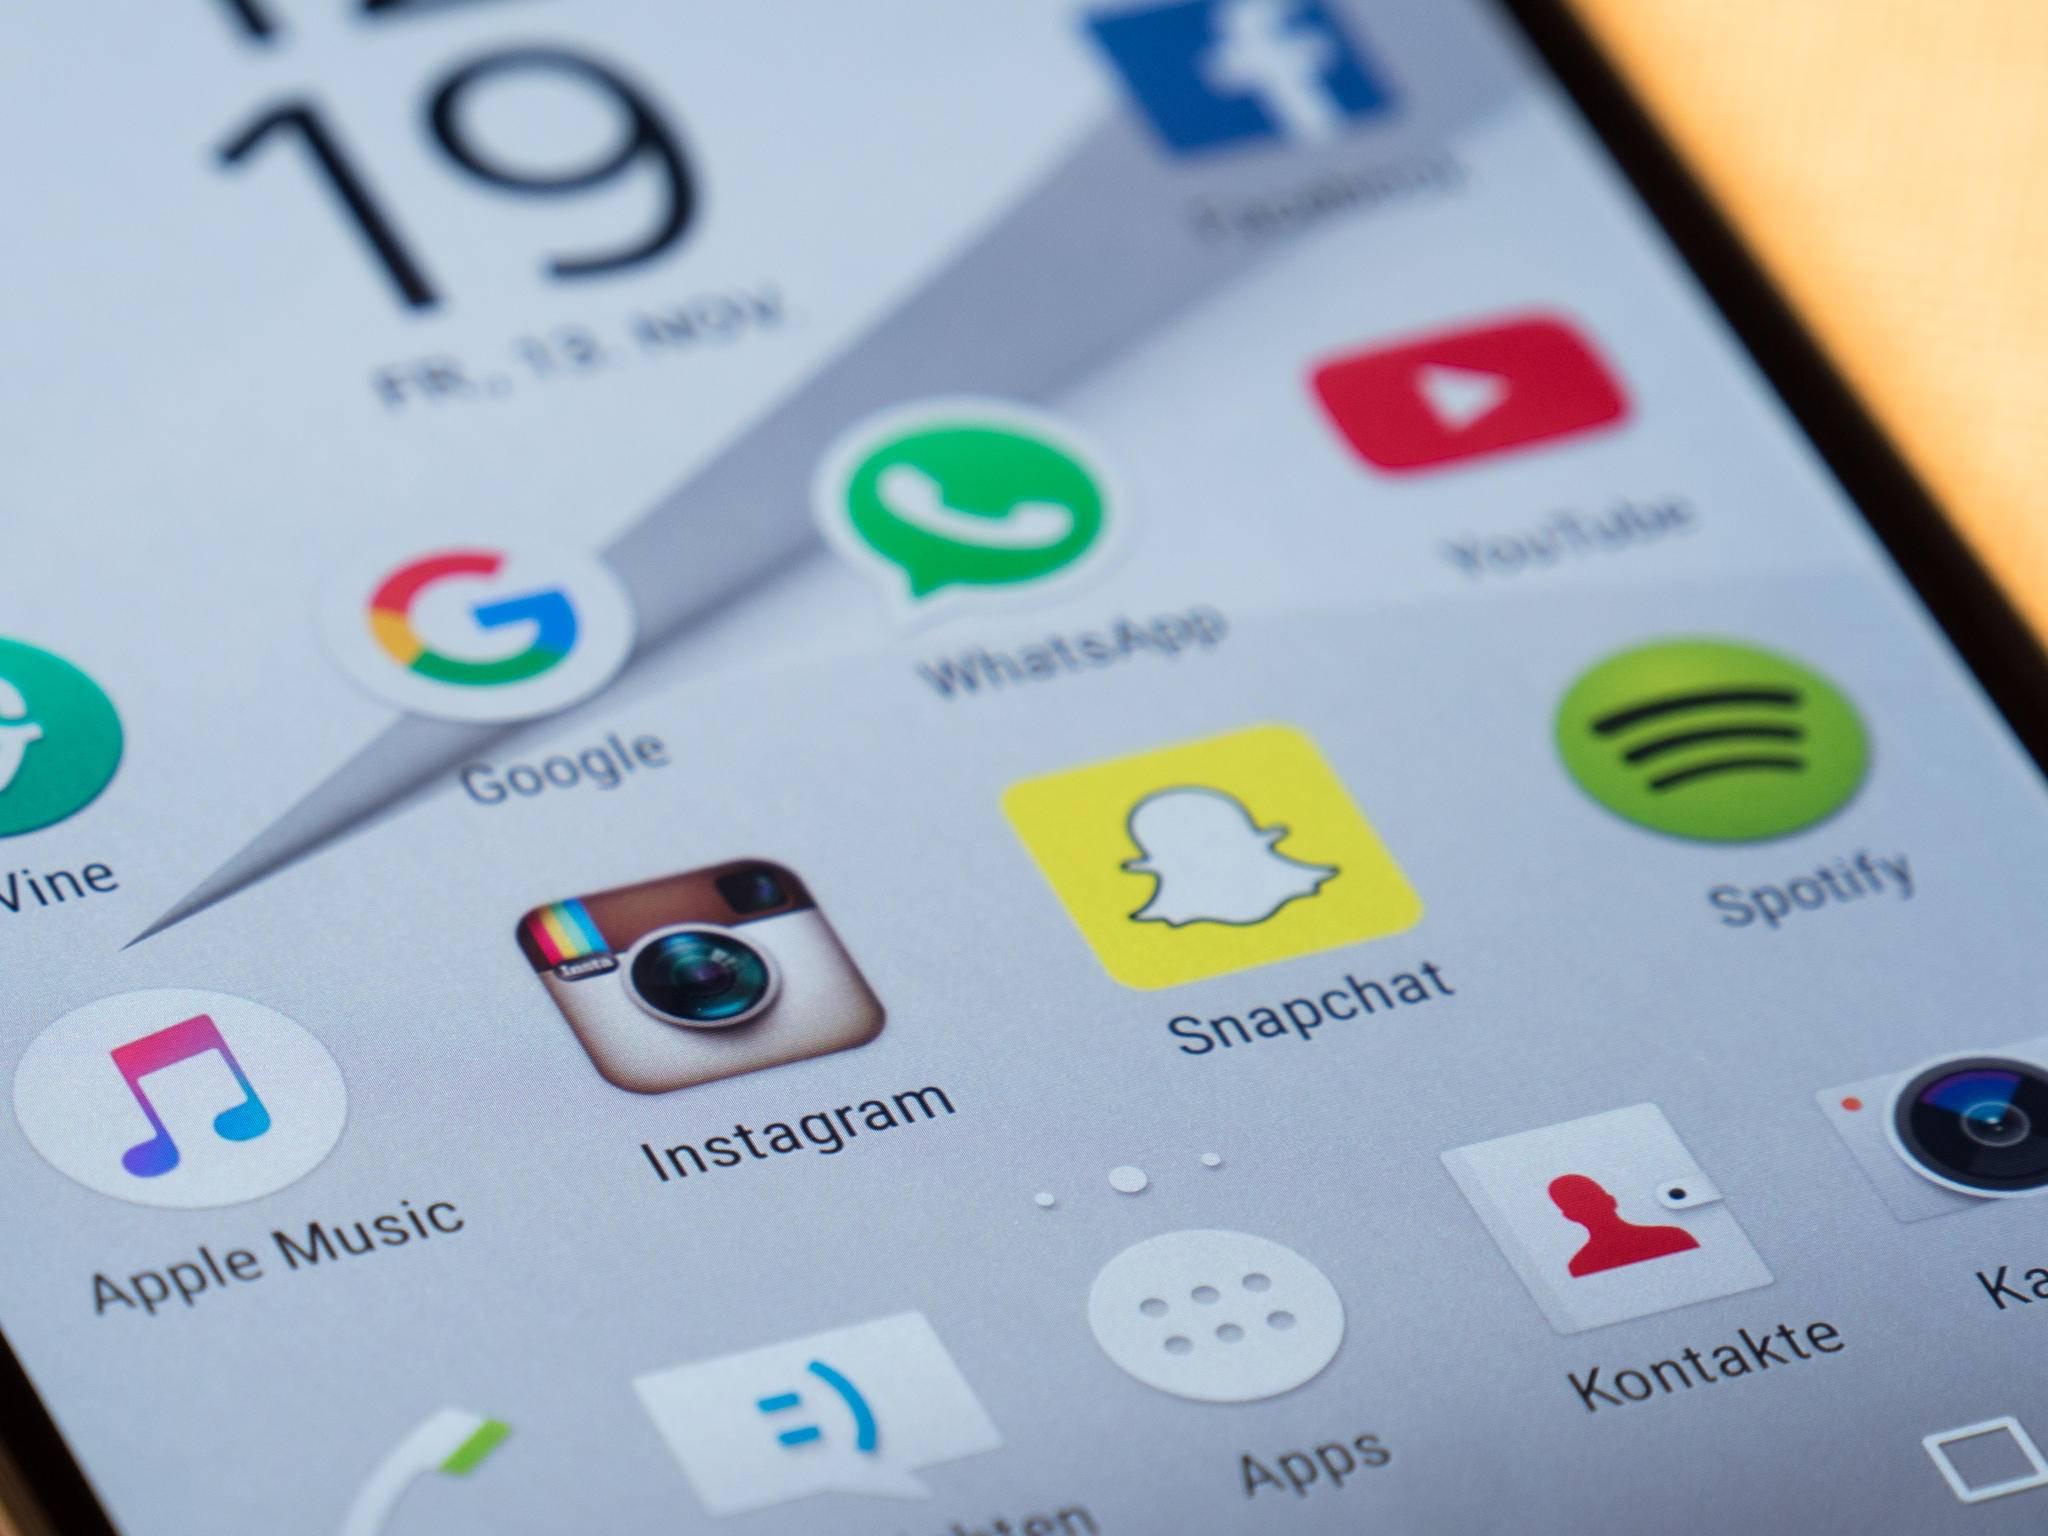 Instagram testet ein neues Feature: Multiple Account Support.